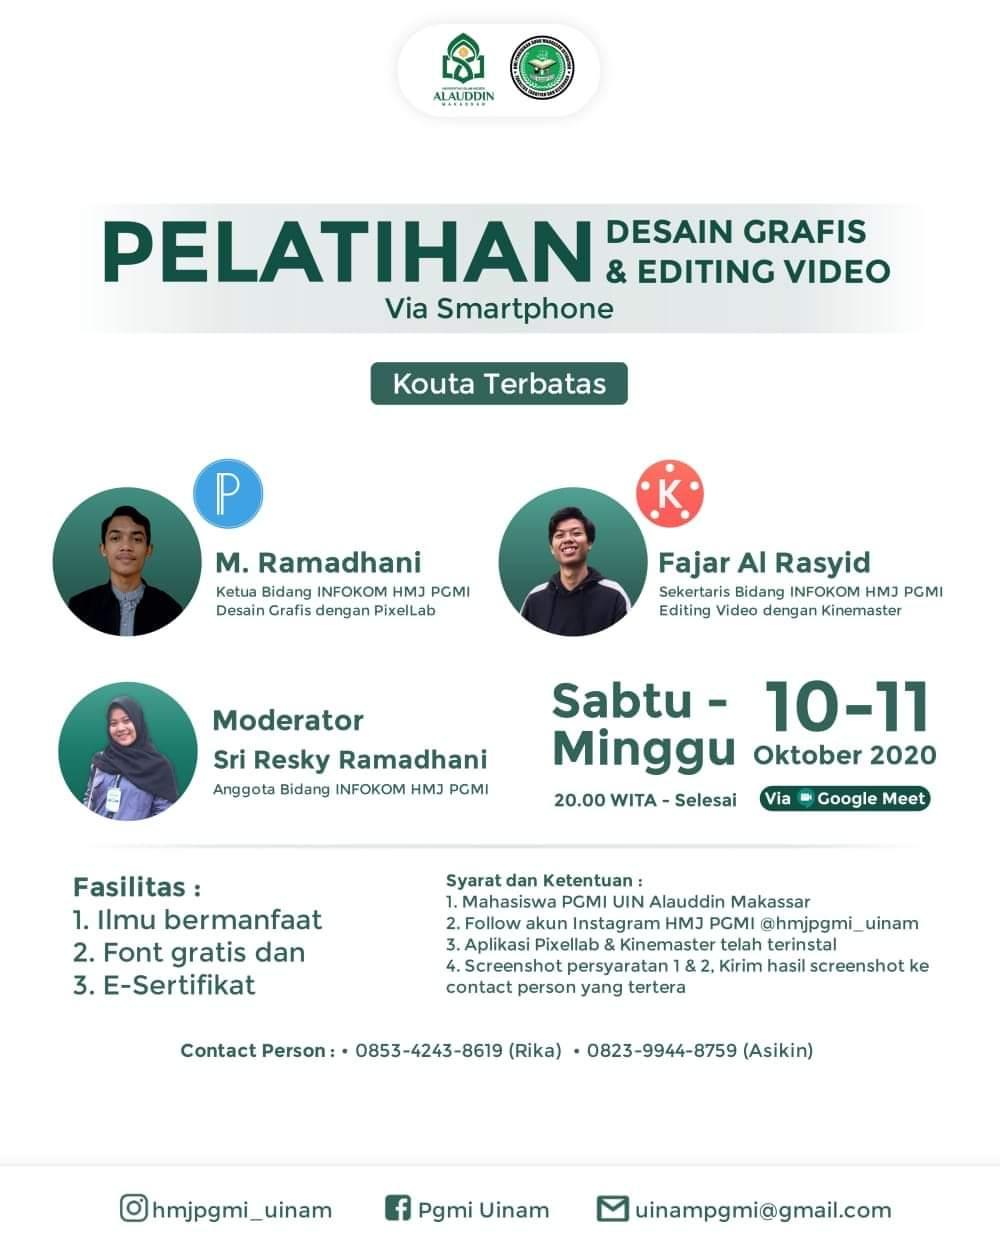 PELATIHAN DESAIN GRAFIS & EDITING VIDEO VIA SMARTPHONE